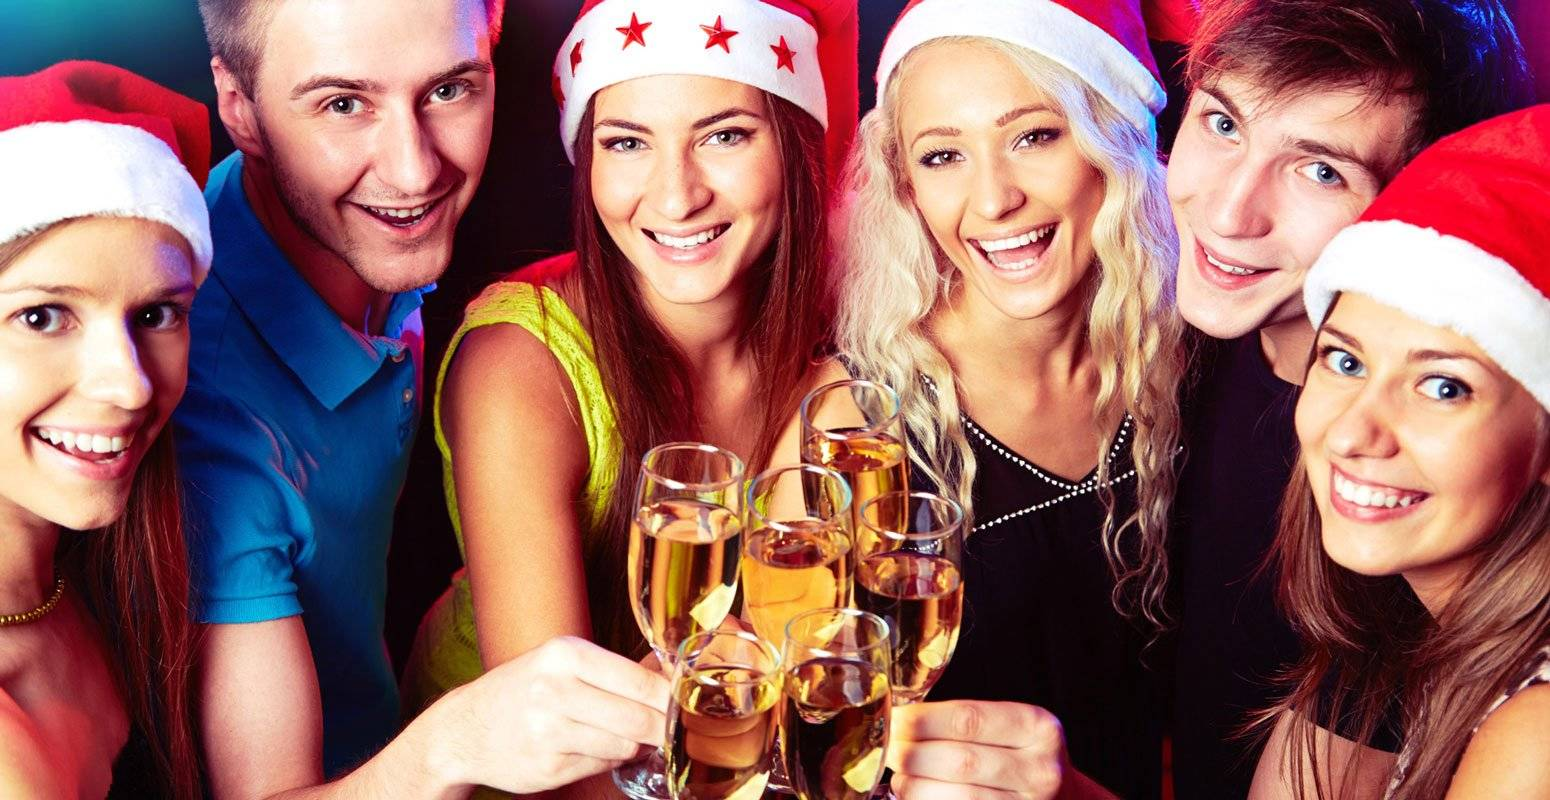 Конкурсы для корпоратива: какими они должны быть, чтобы праздник оставил яркие впечатления?